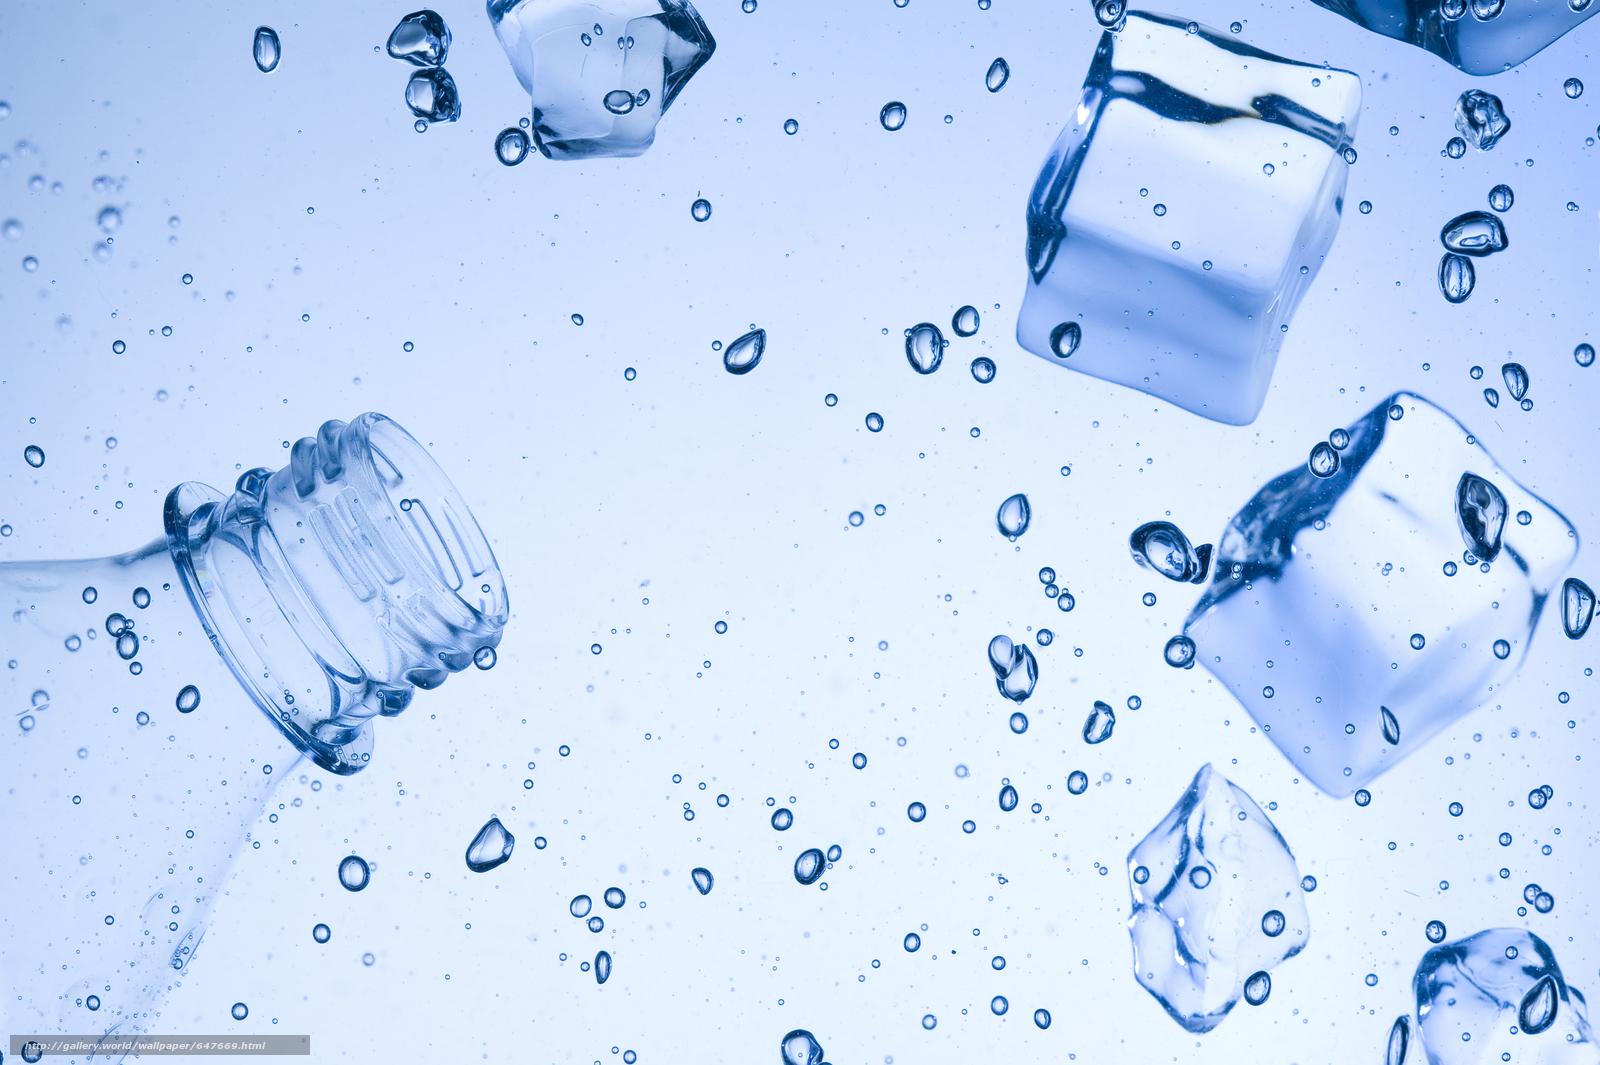 Скачать обои кубики льда,  жидкость,  пузыри бесплатно для рабочего стола в разрешении 8512x5664 — картинка №647669